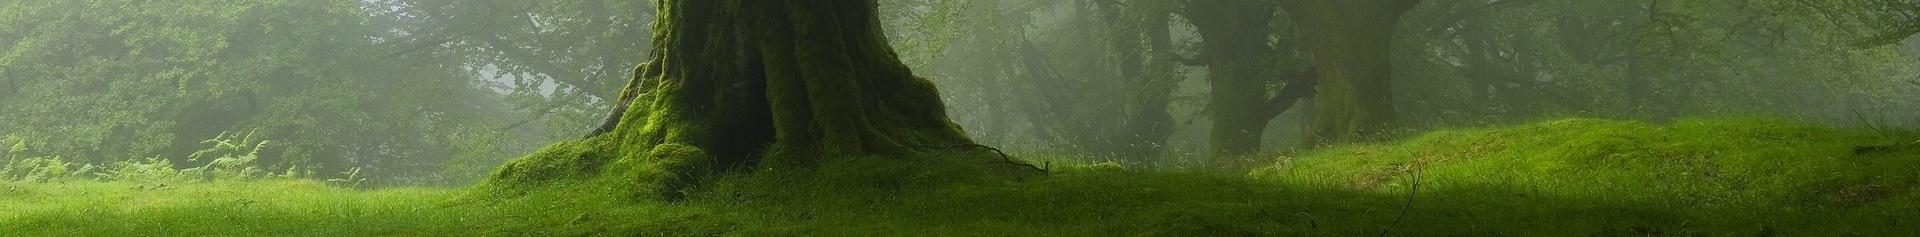 pied-arbre